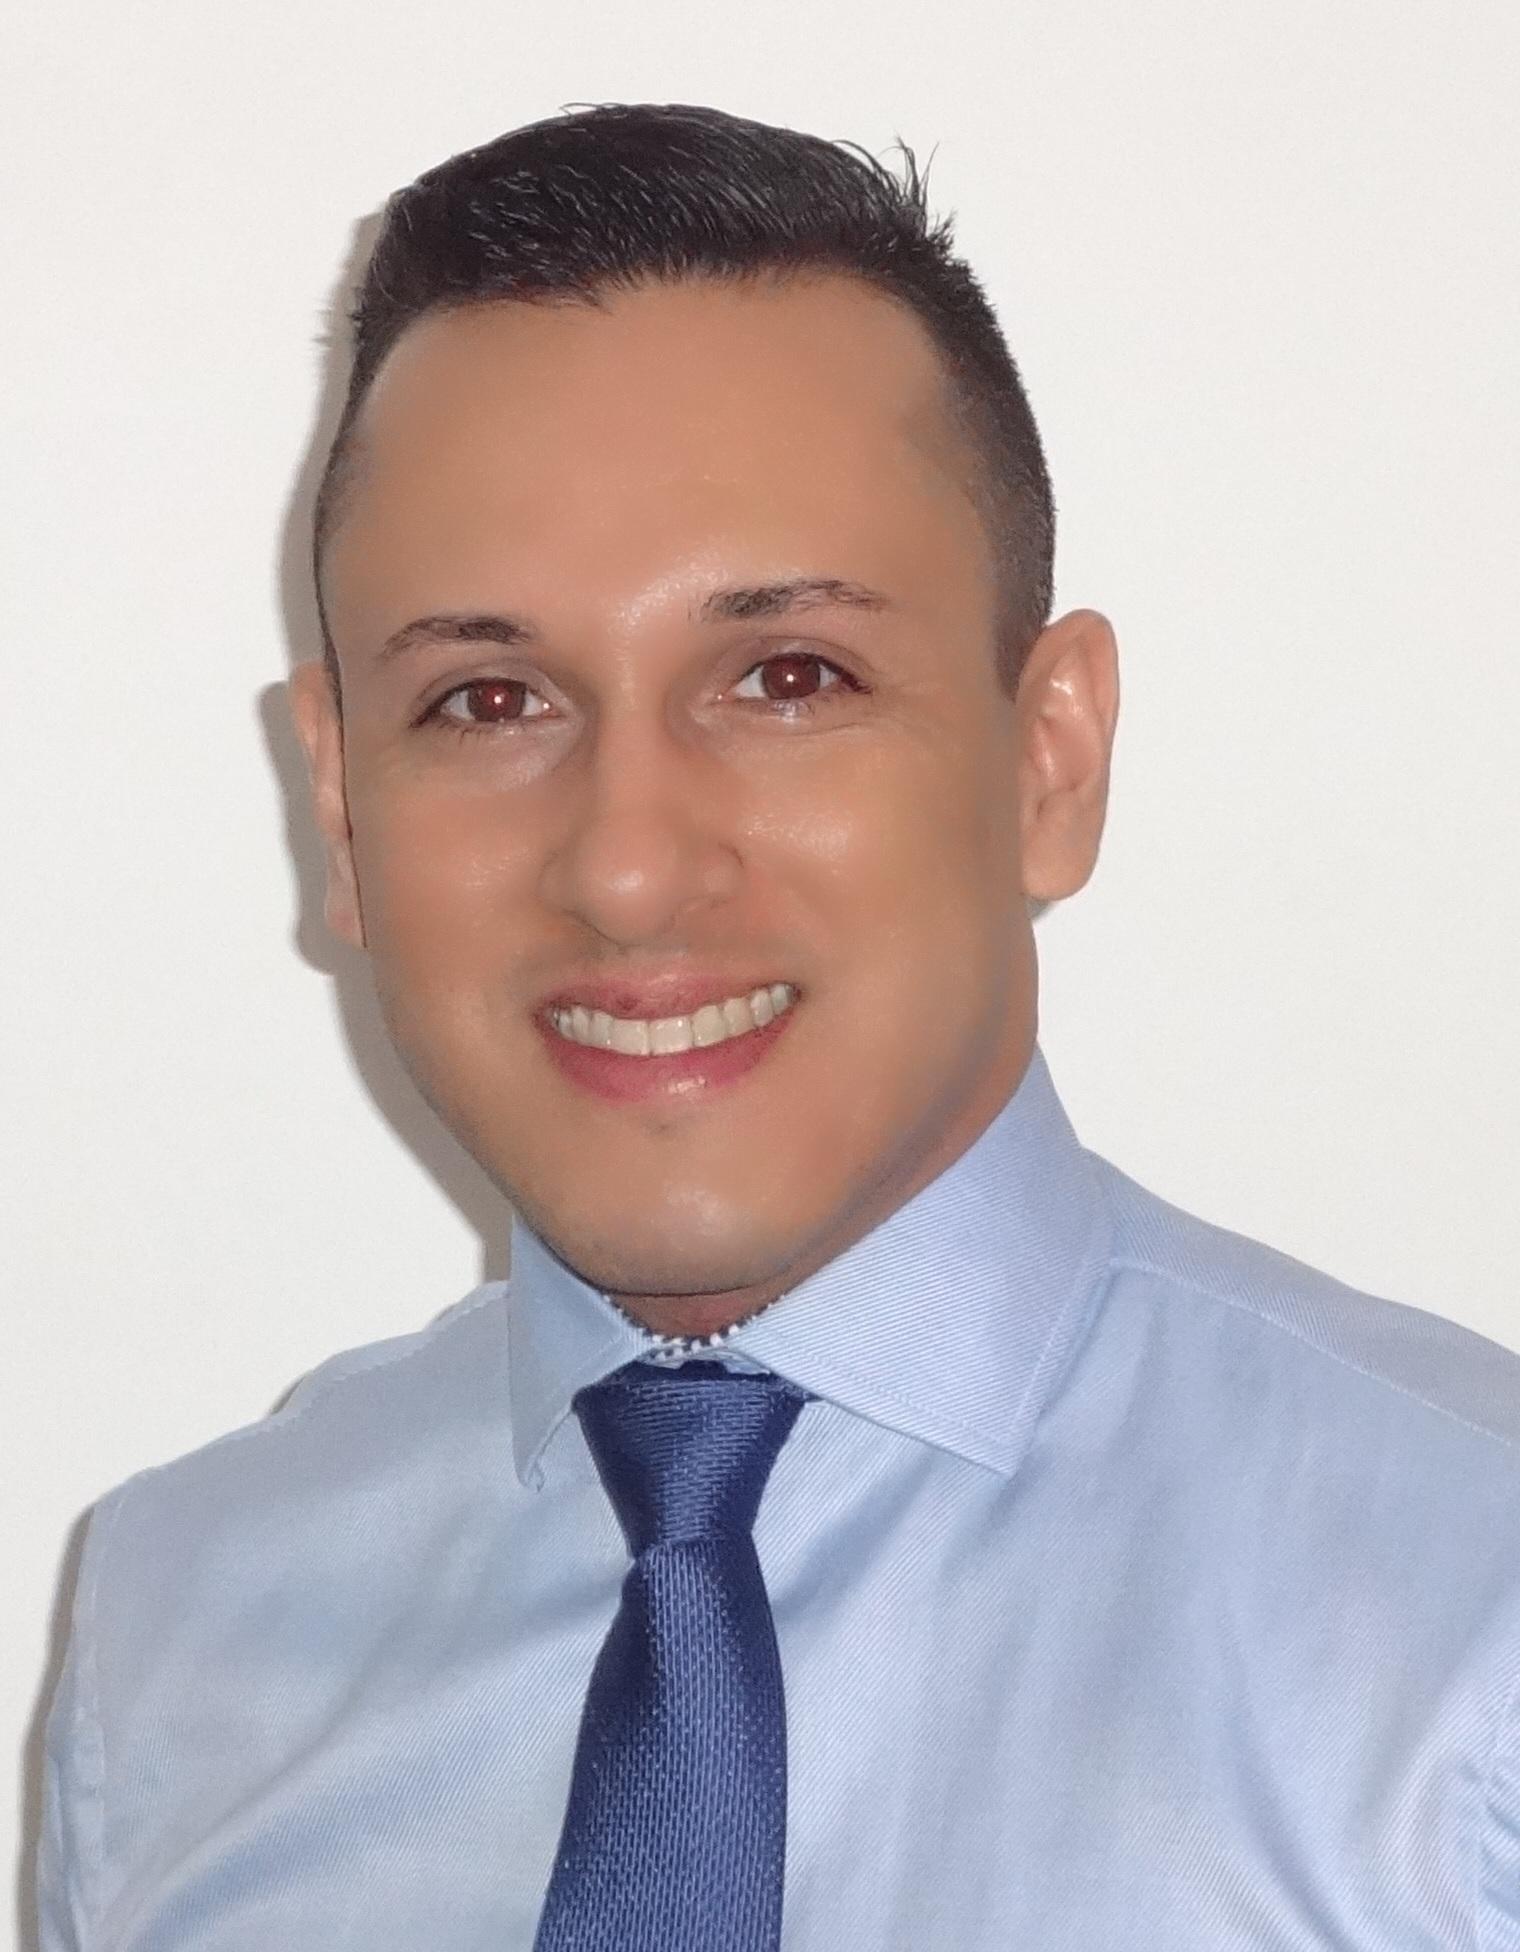 Claudio Costa